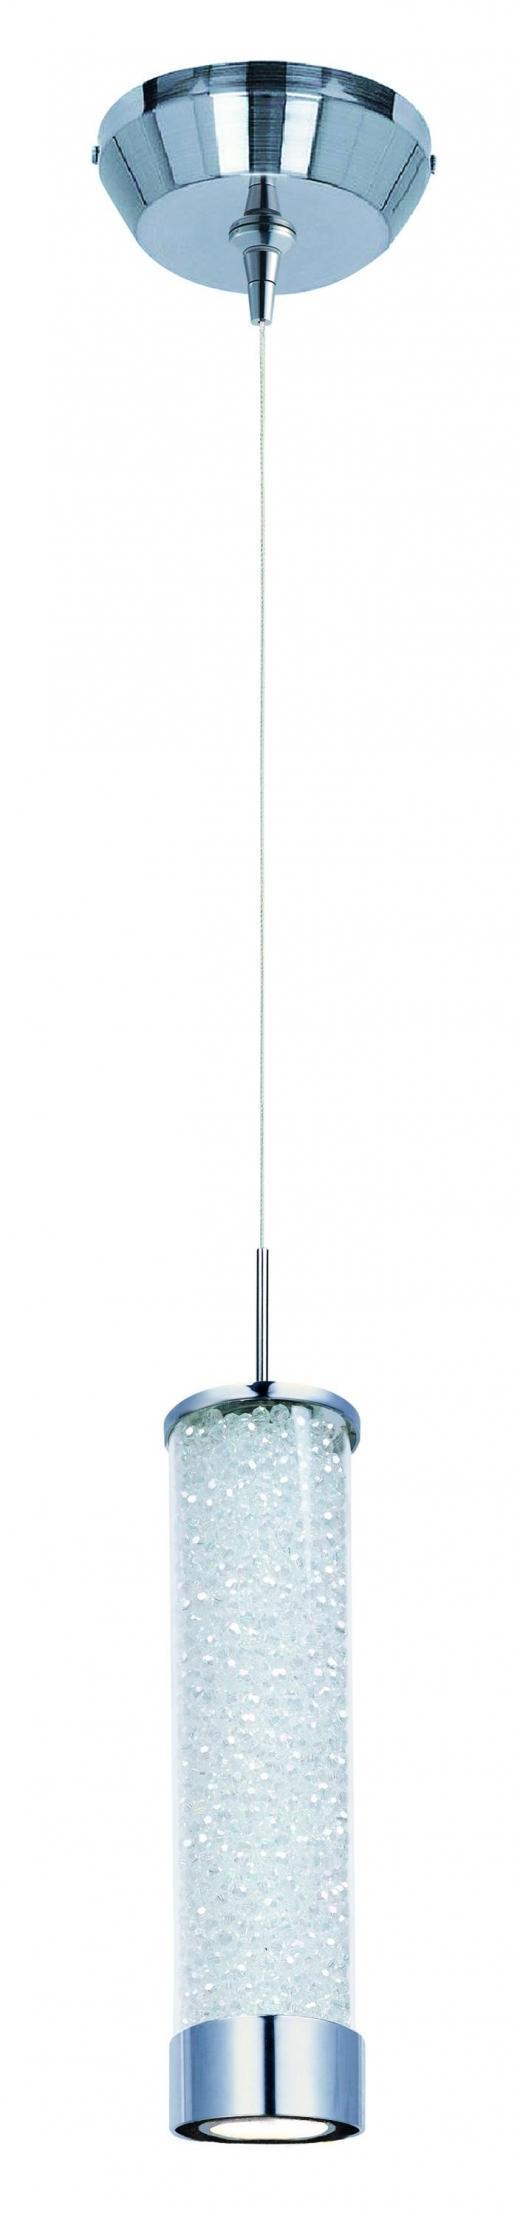 ET2 E94350-132PC Chroma 1-Light LED RapidJack Pendant and Canopy